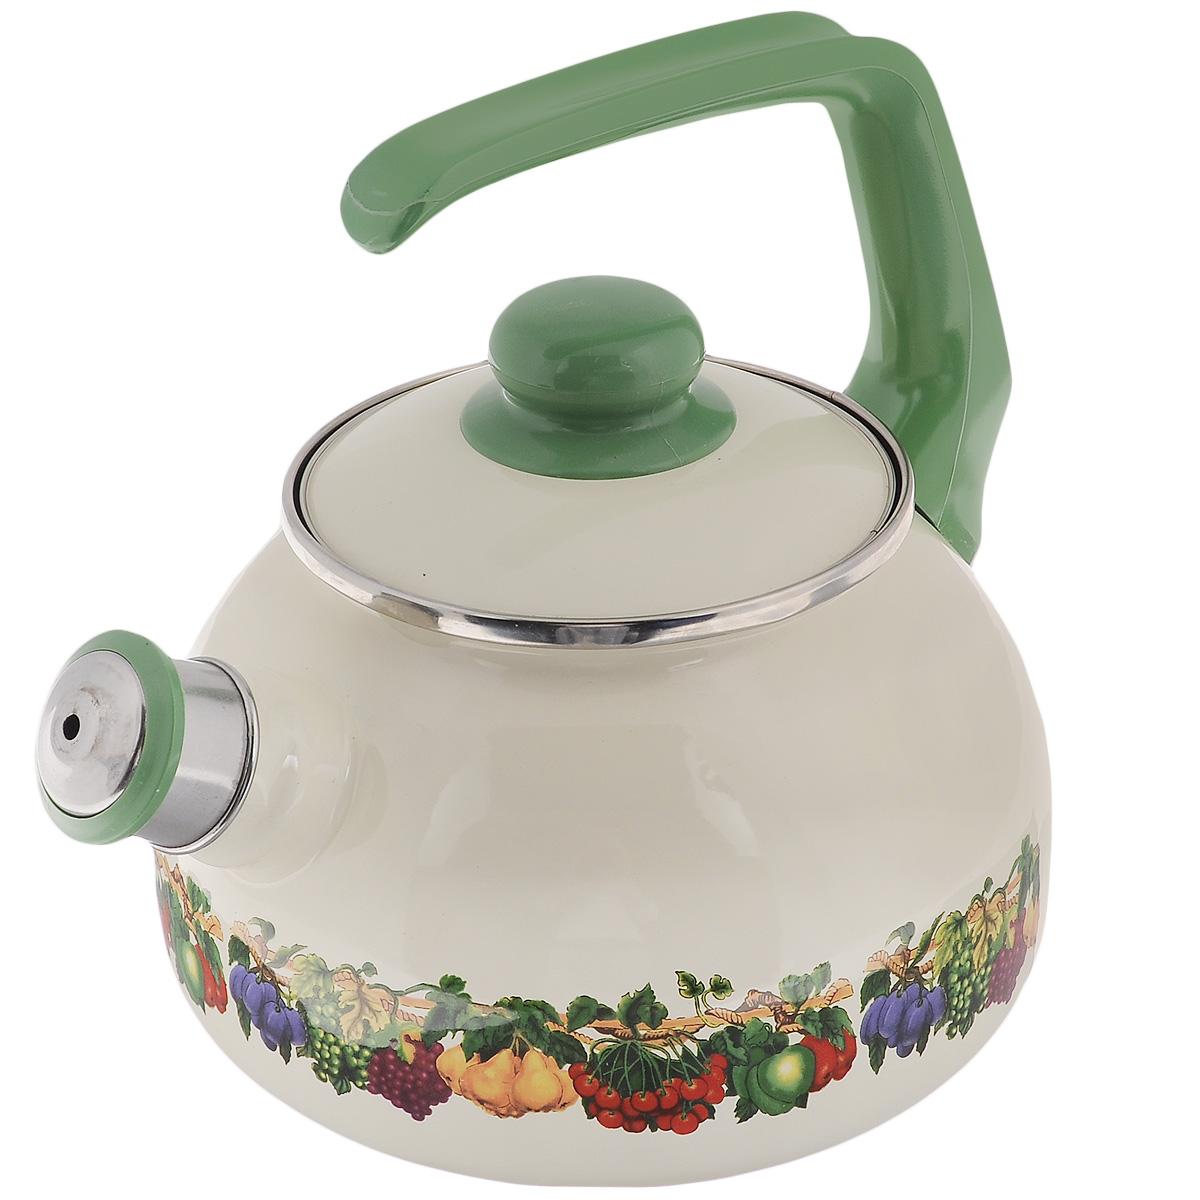 Чайник Metrot Фруктовый сад, со свистком, 2,5 л107112Чайник Metrot Фруктовый сад выполнен из высококачественной стали, что обеспечивает долговечность использования. Внешнее цветное эмалевое покрытие придает приятный внешний вид. Бакелитовая фиксированная ручка делает использование чайника очень удобным и безопасным. Чайник снабжен съемным свистком. Можно мыть в посудомоечной машине. Пригоден для всех видов плит, включая индукционные. Высота чайника (без учета крышки и ручки): 13 см. Диаметр (по верхнему краю): 13 см.